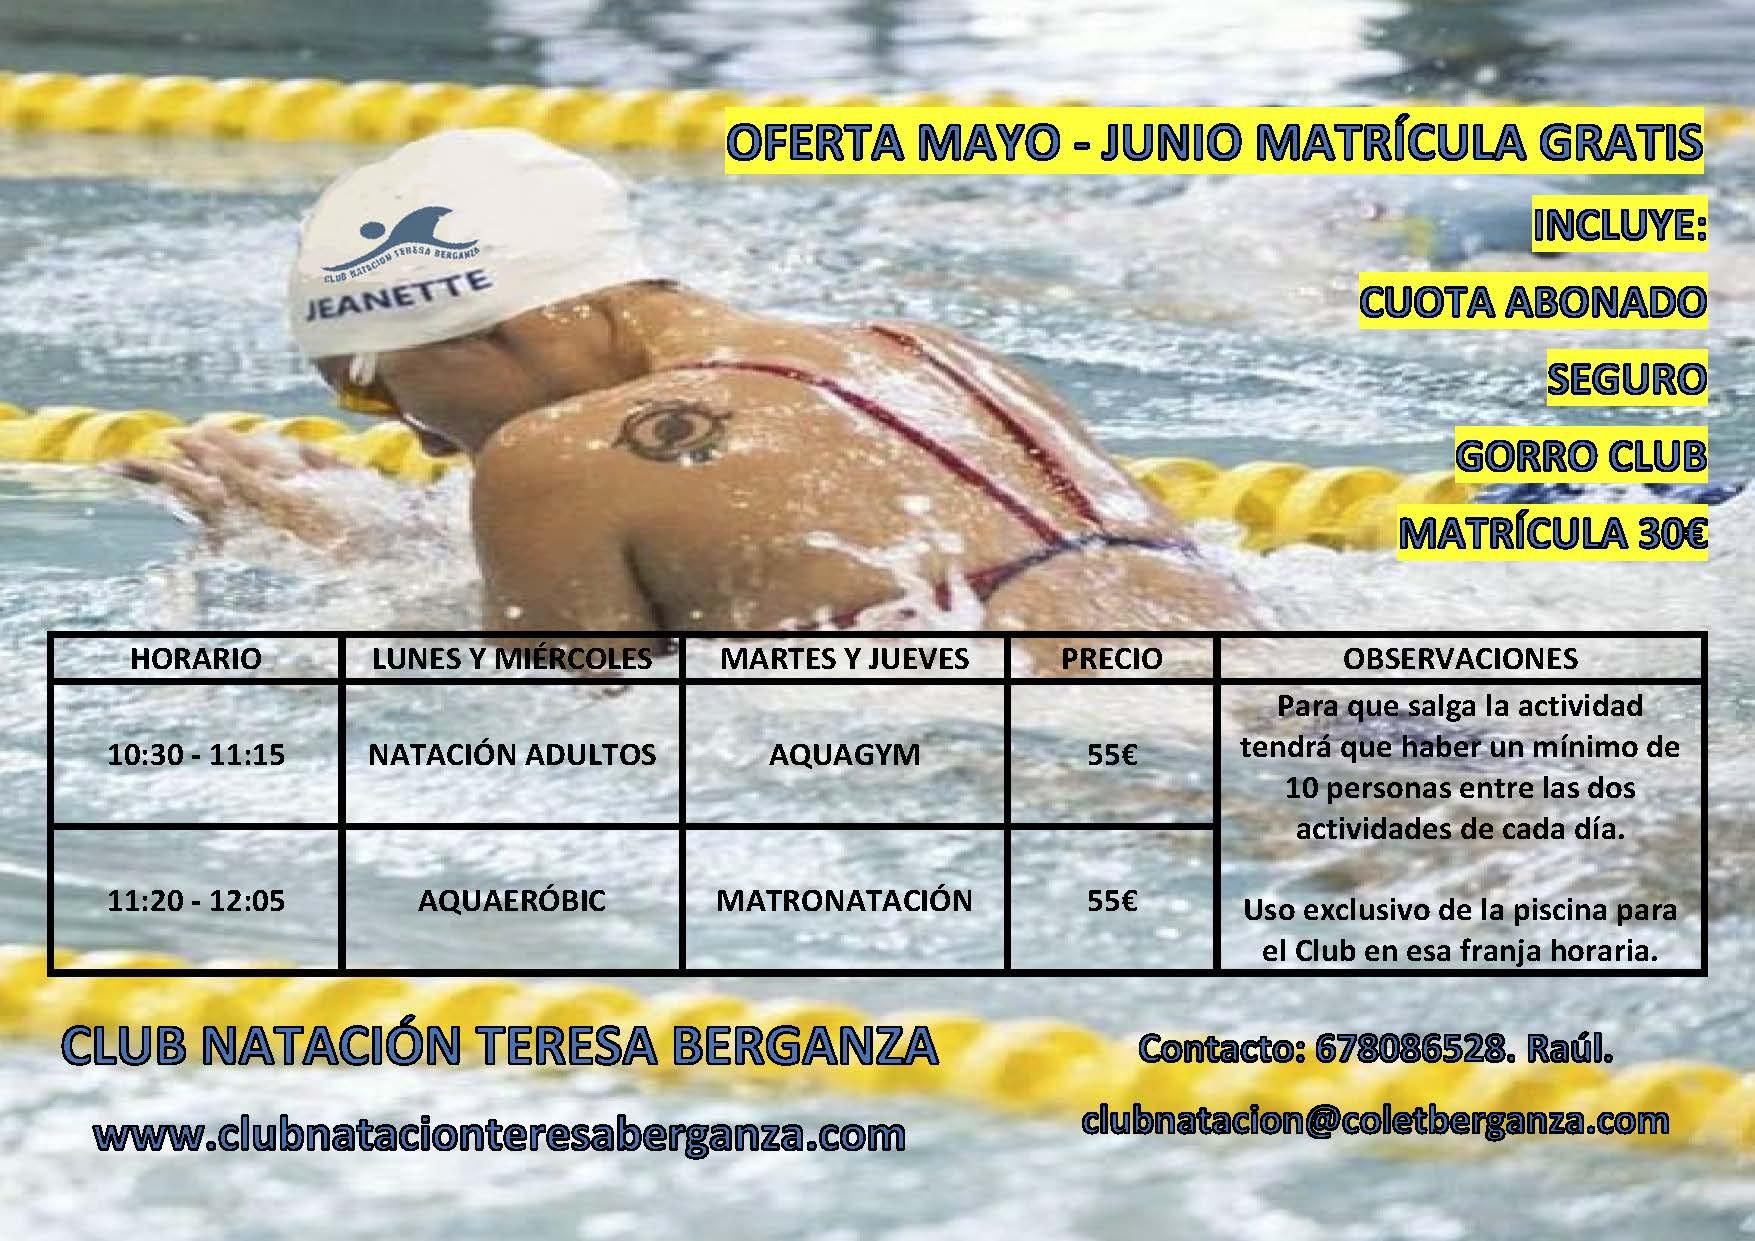 OFERTA MAYO - JUNIO MAÑANAS